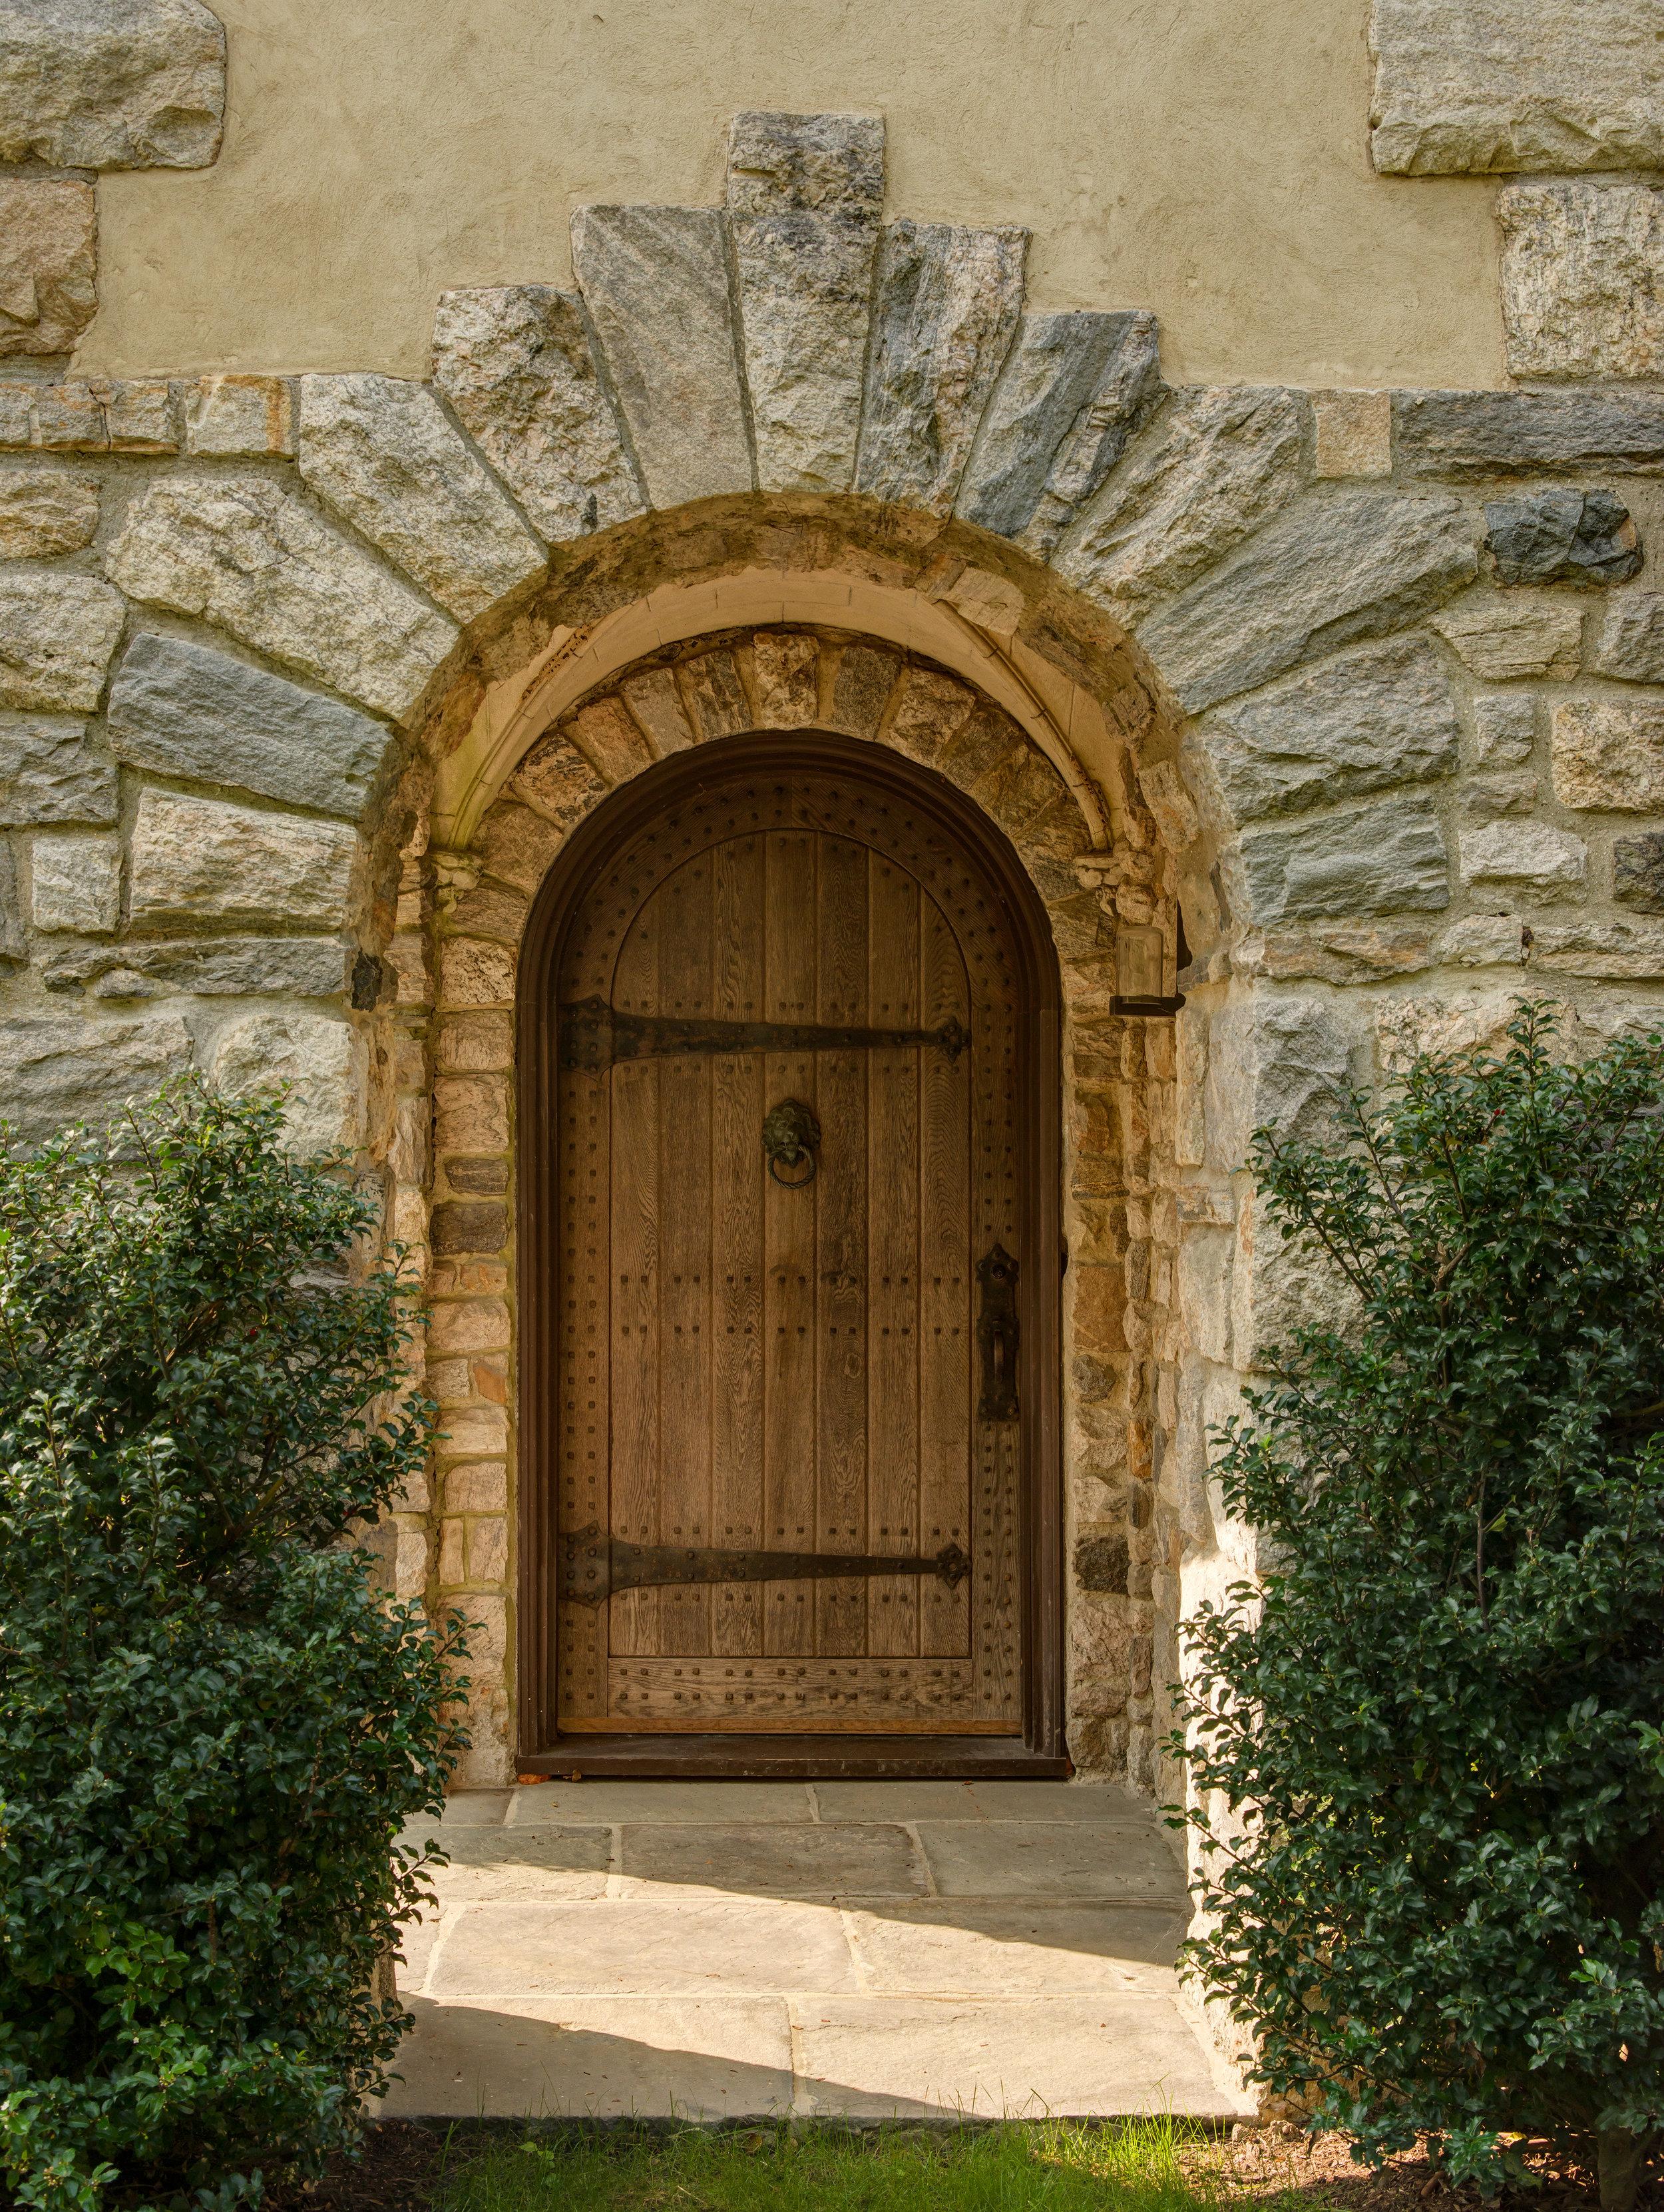 lord of the ring wooden hobbit door metal hinges keystone doorway